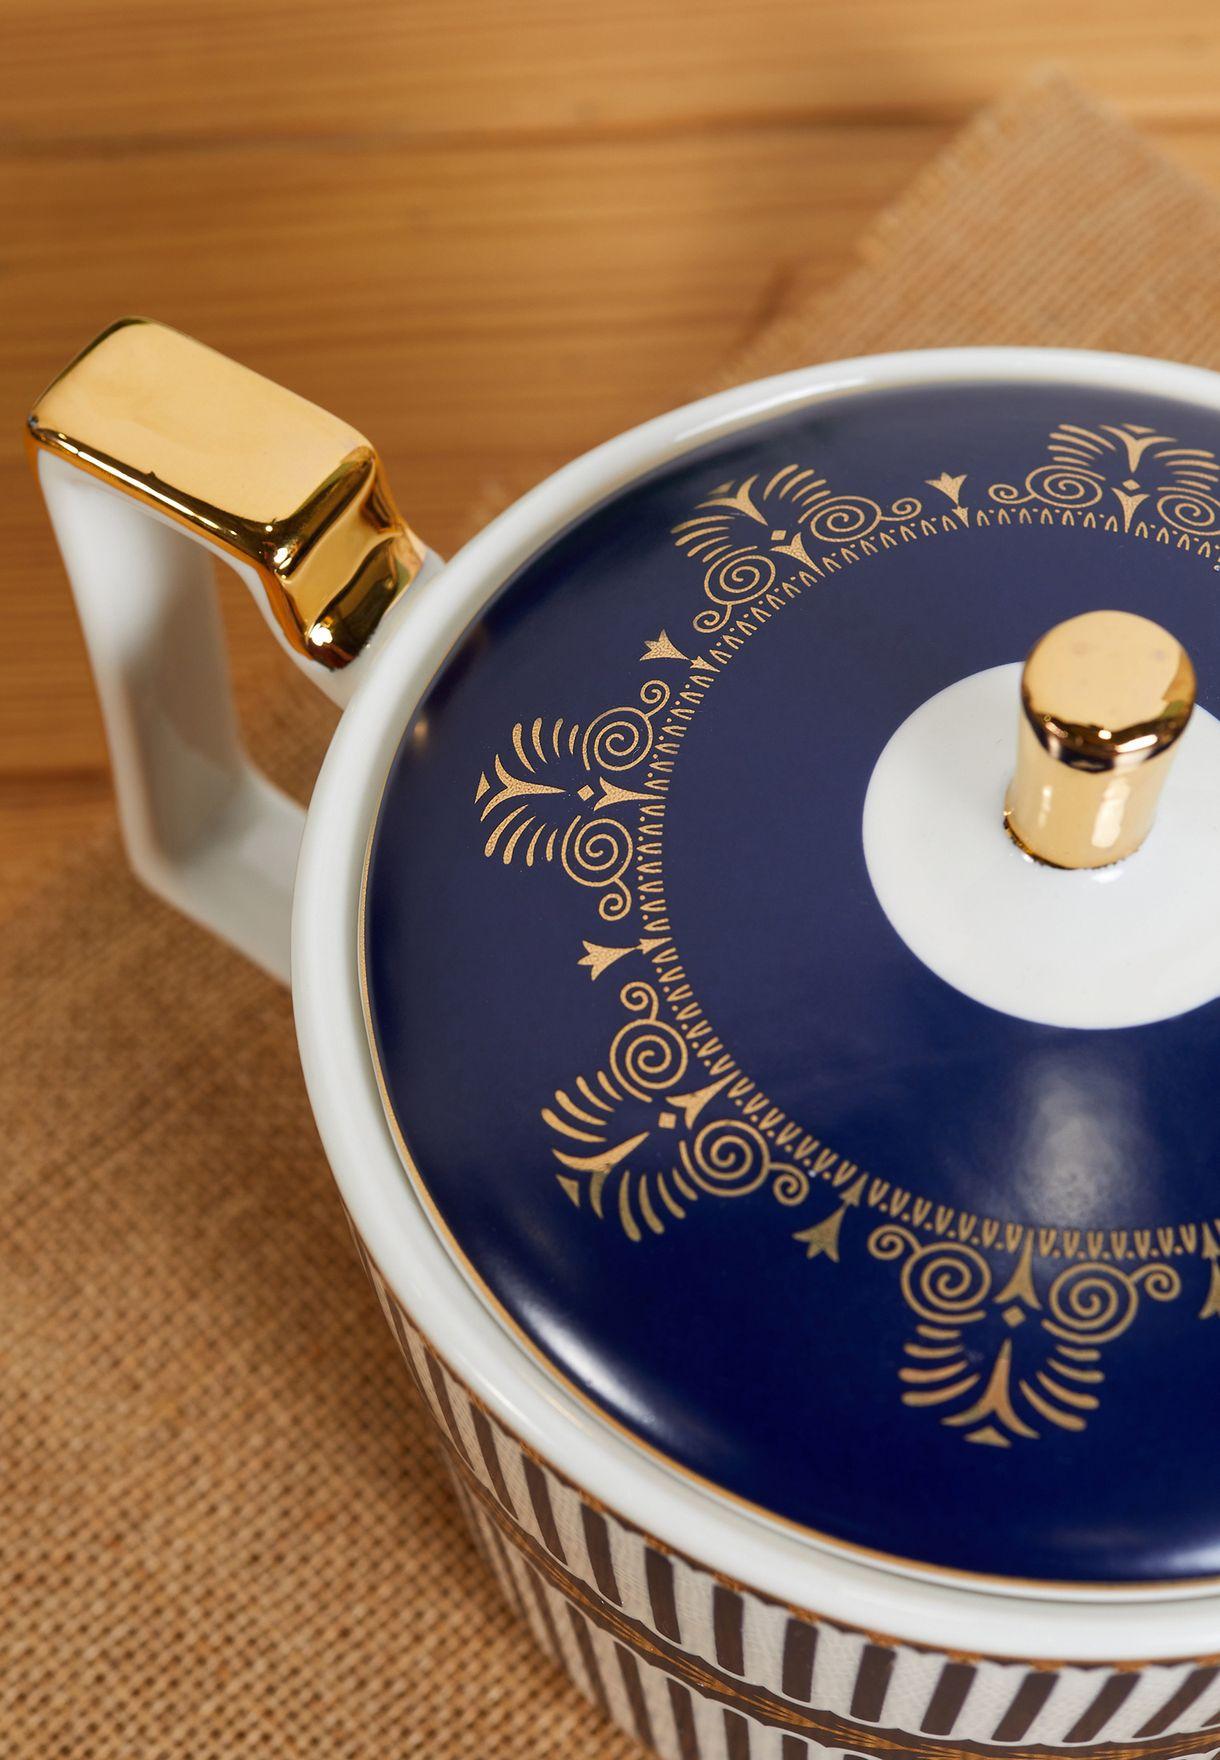 11 Piece Ceramic Tea Set